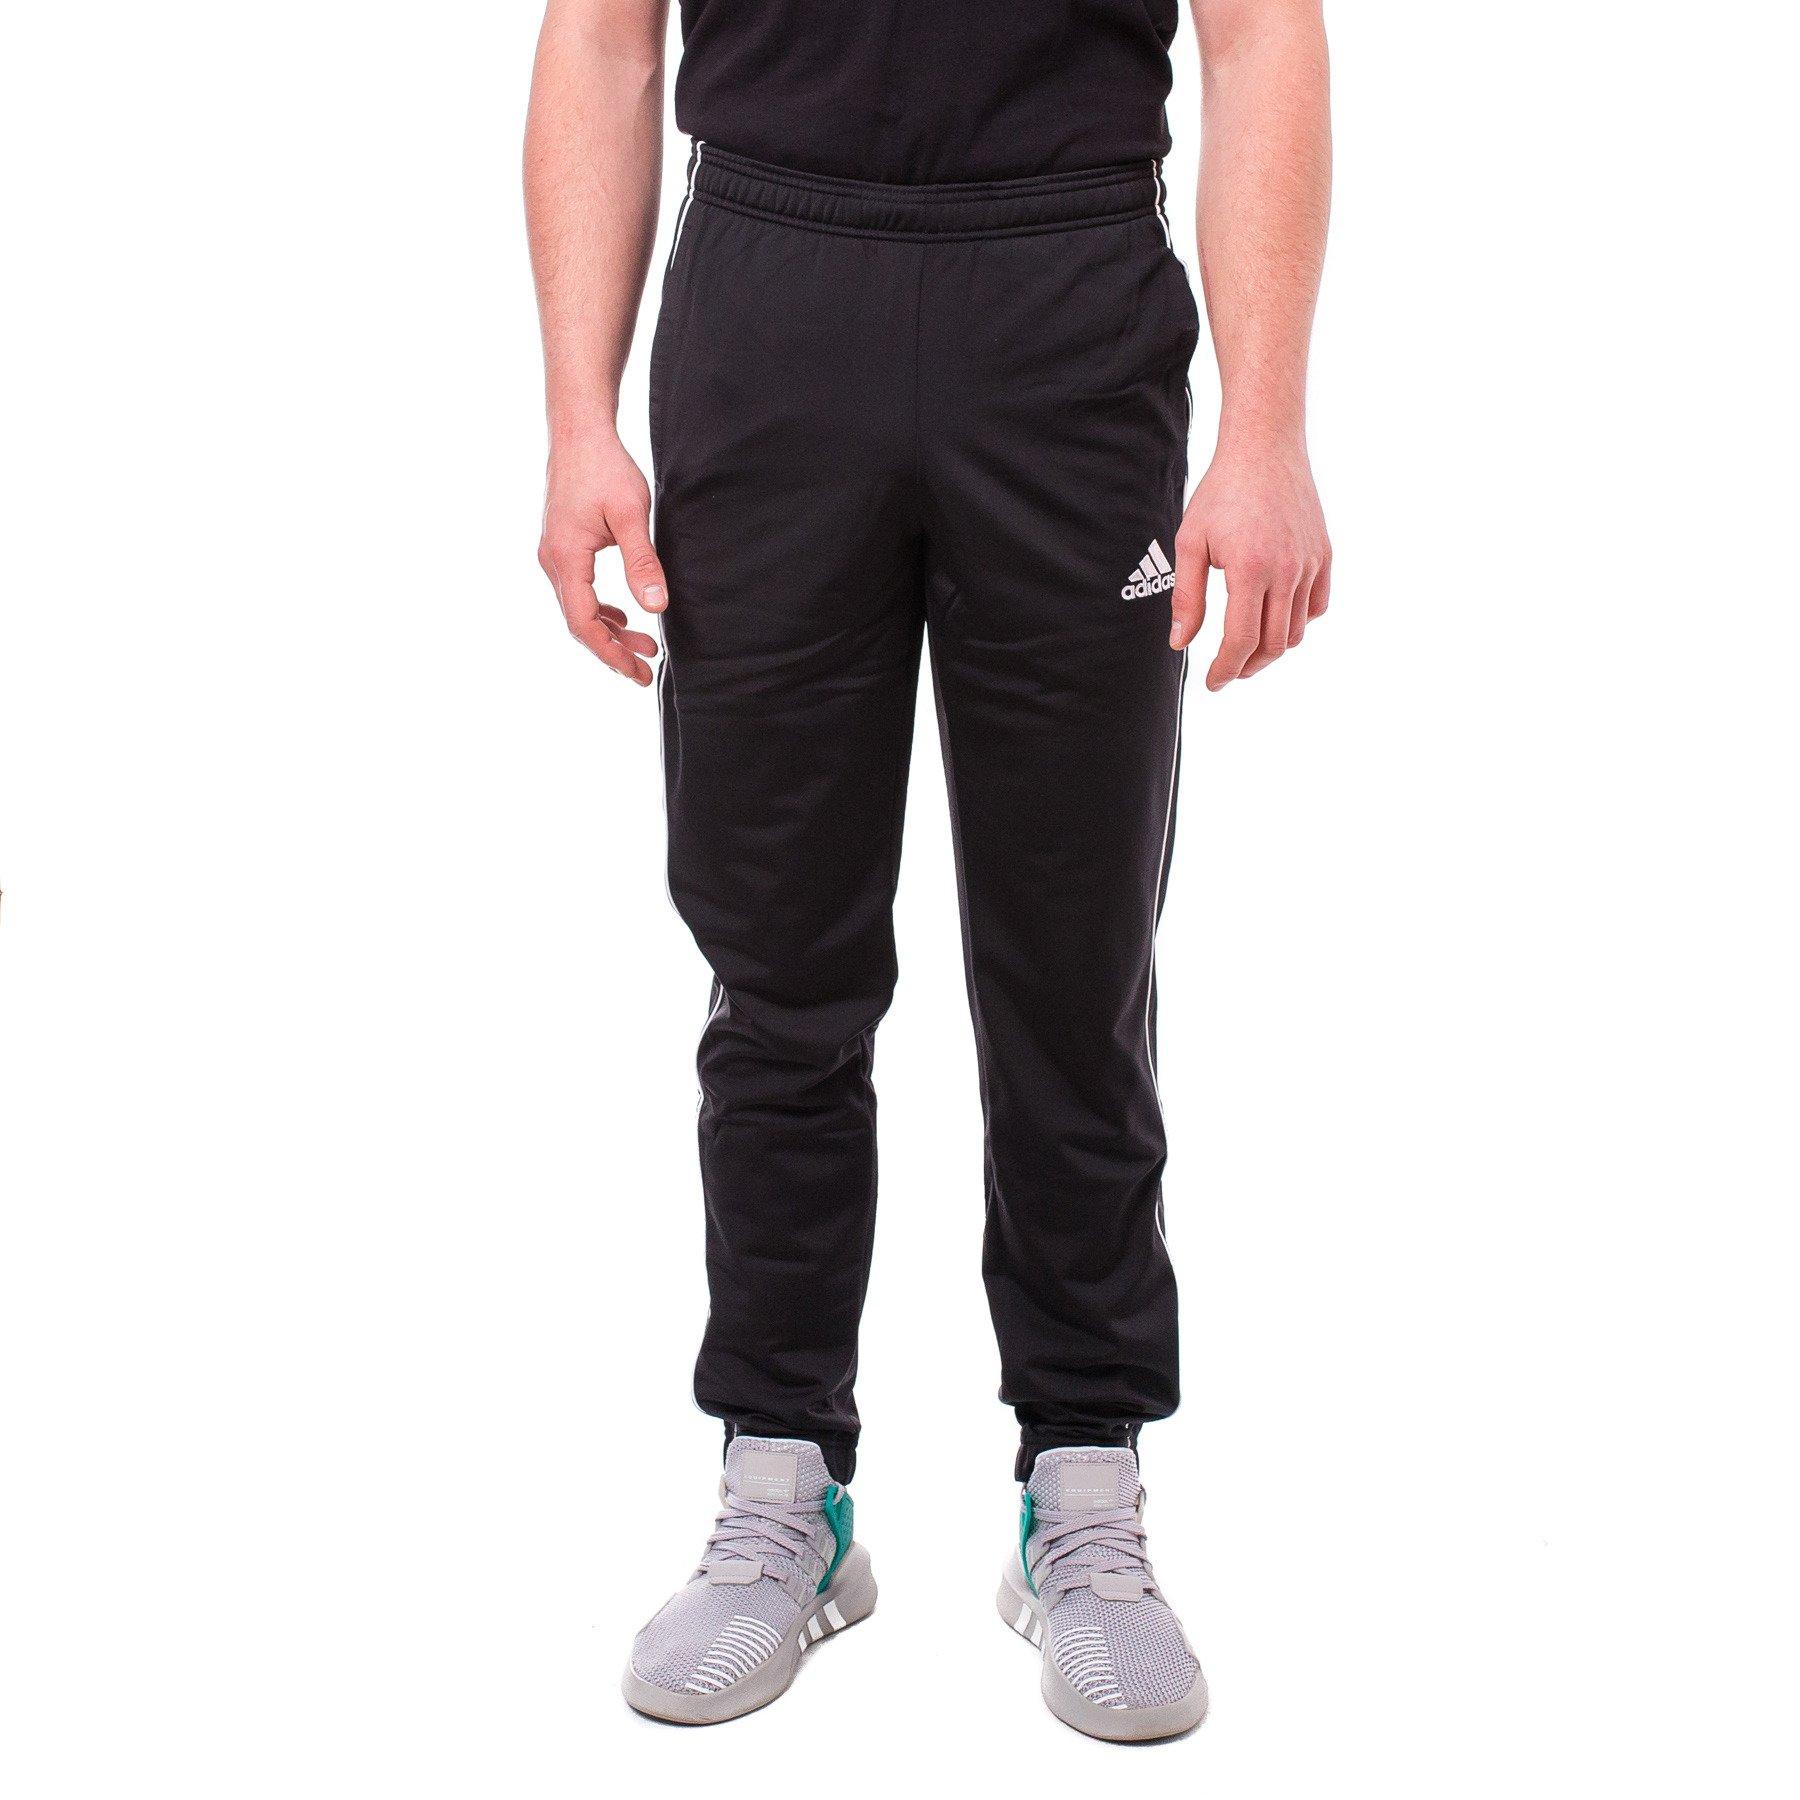 86fd7677fed40a Męskie spodnie dresowe ADIDAS, czarne - CORE 18 CE9050 | Sklep ...